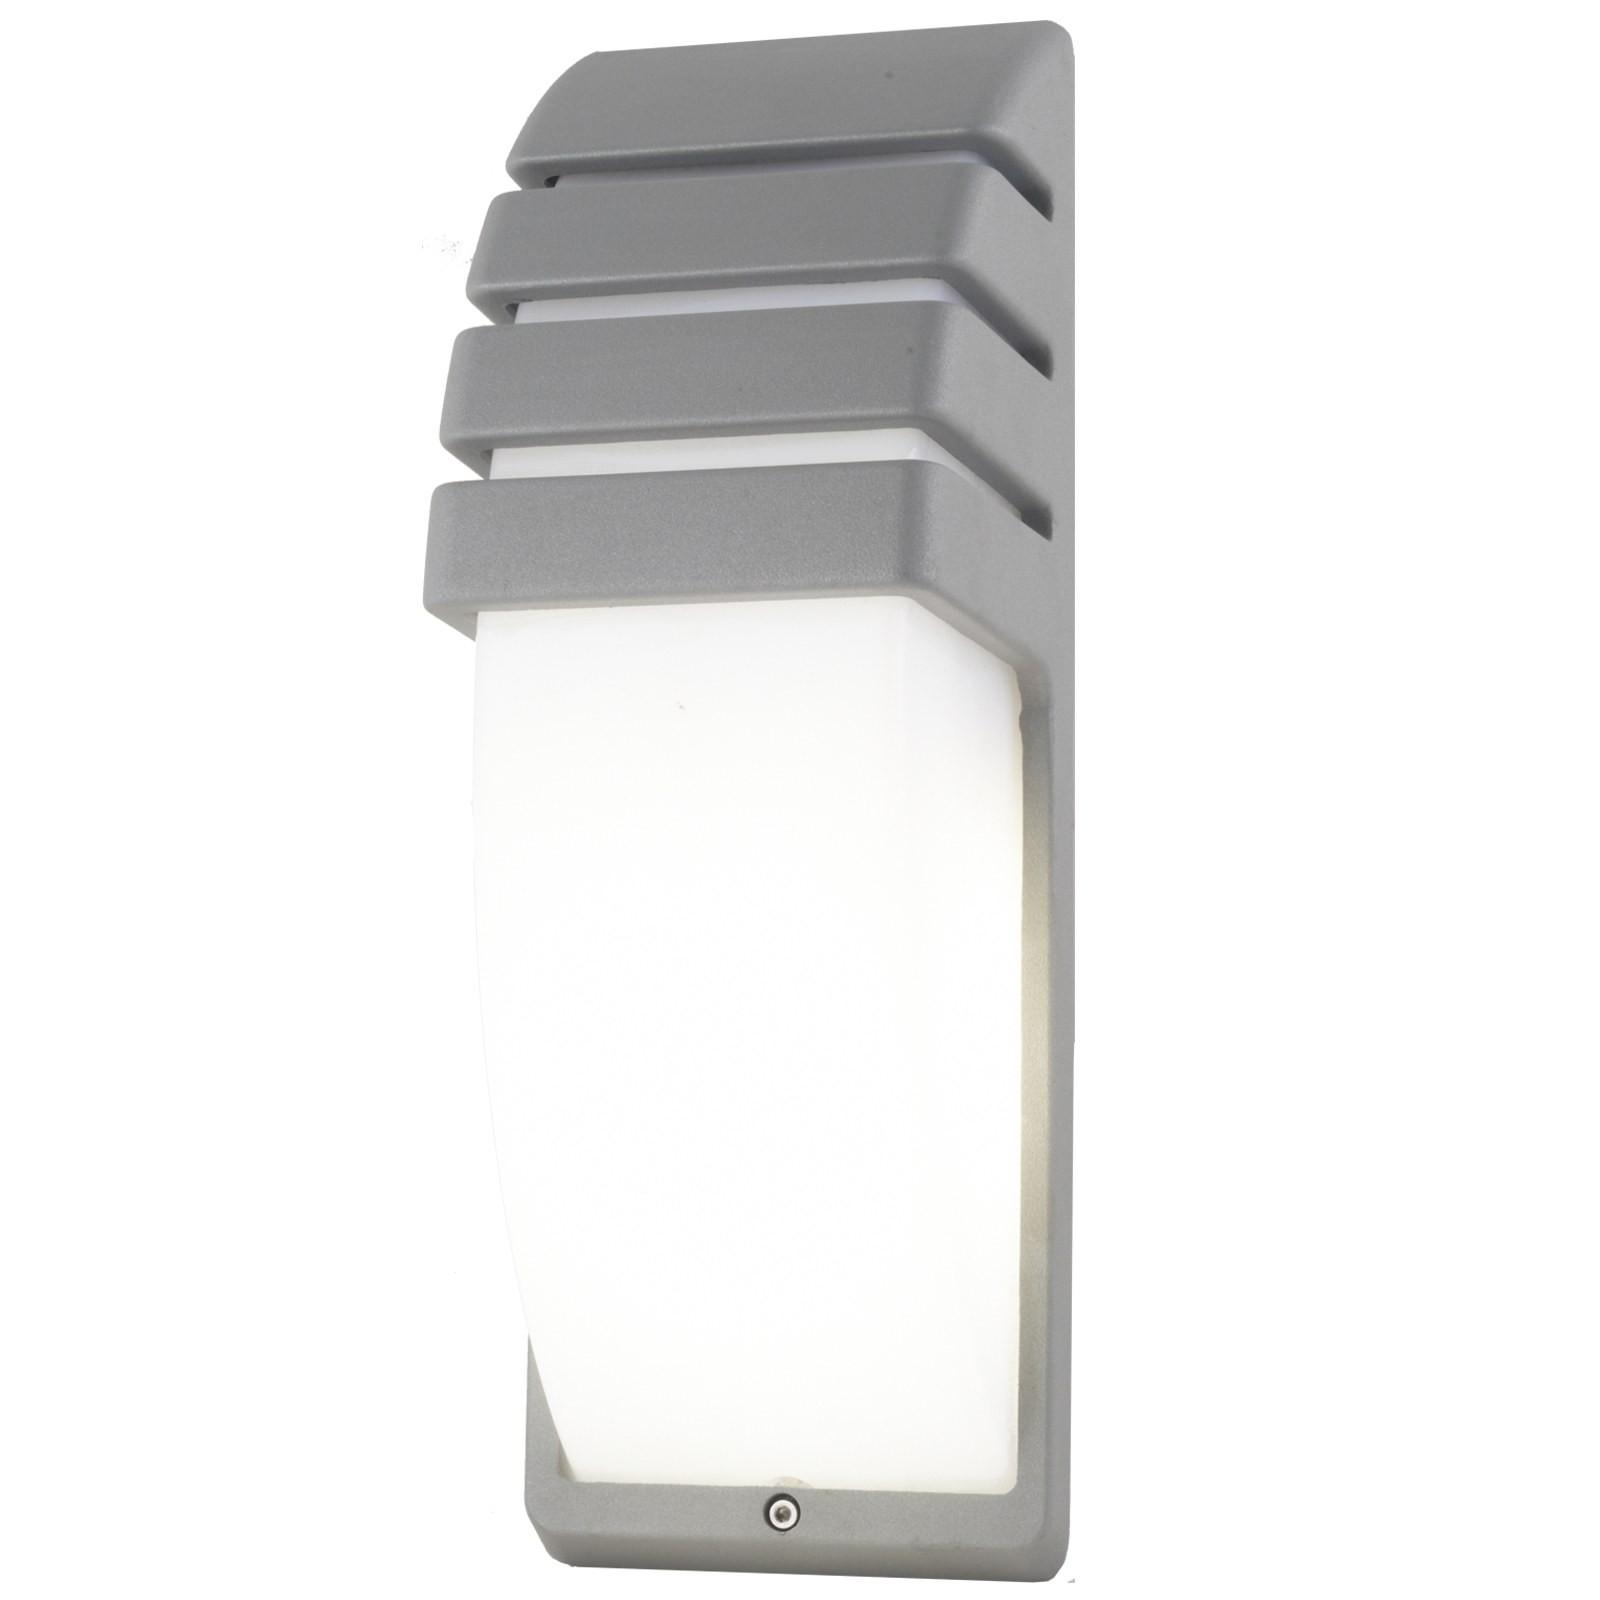 Lampada da esterno plafoniera applique led e27 parete - Plafoniere da esterno moderne ...